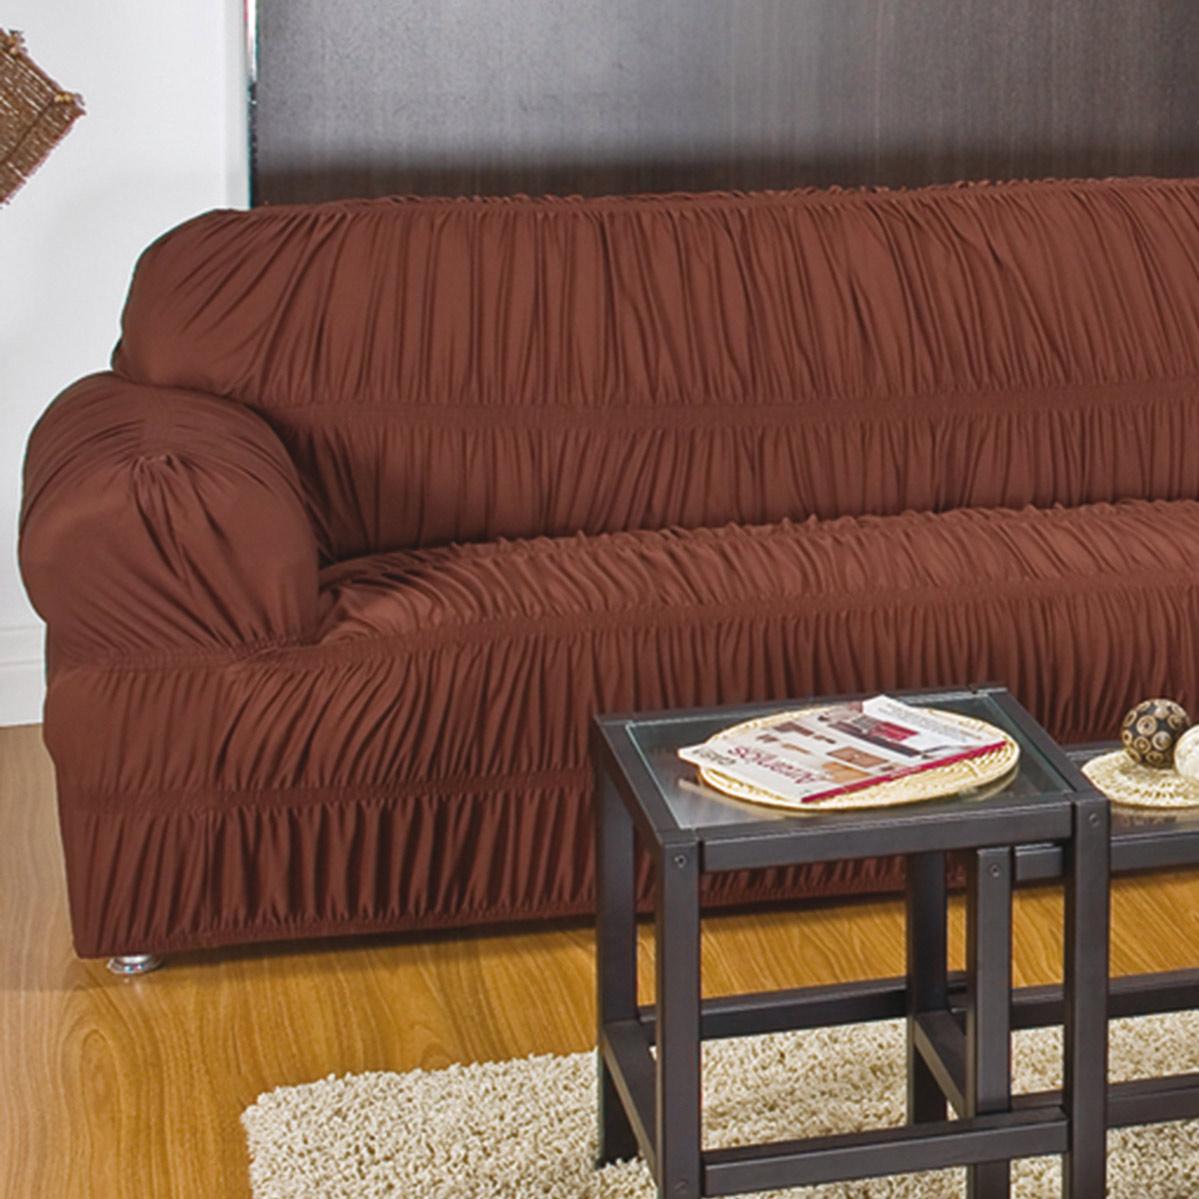 Capa de Sofa de 2 e 3 Lugares Marrom em Malha Gel 100% Poliester com capa de 20 elatiscos em 02 pecas - Capa para Sofa Adornare